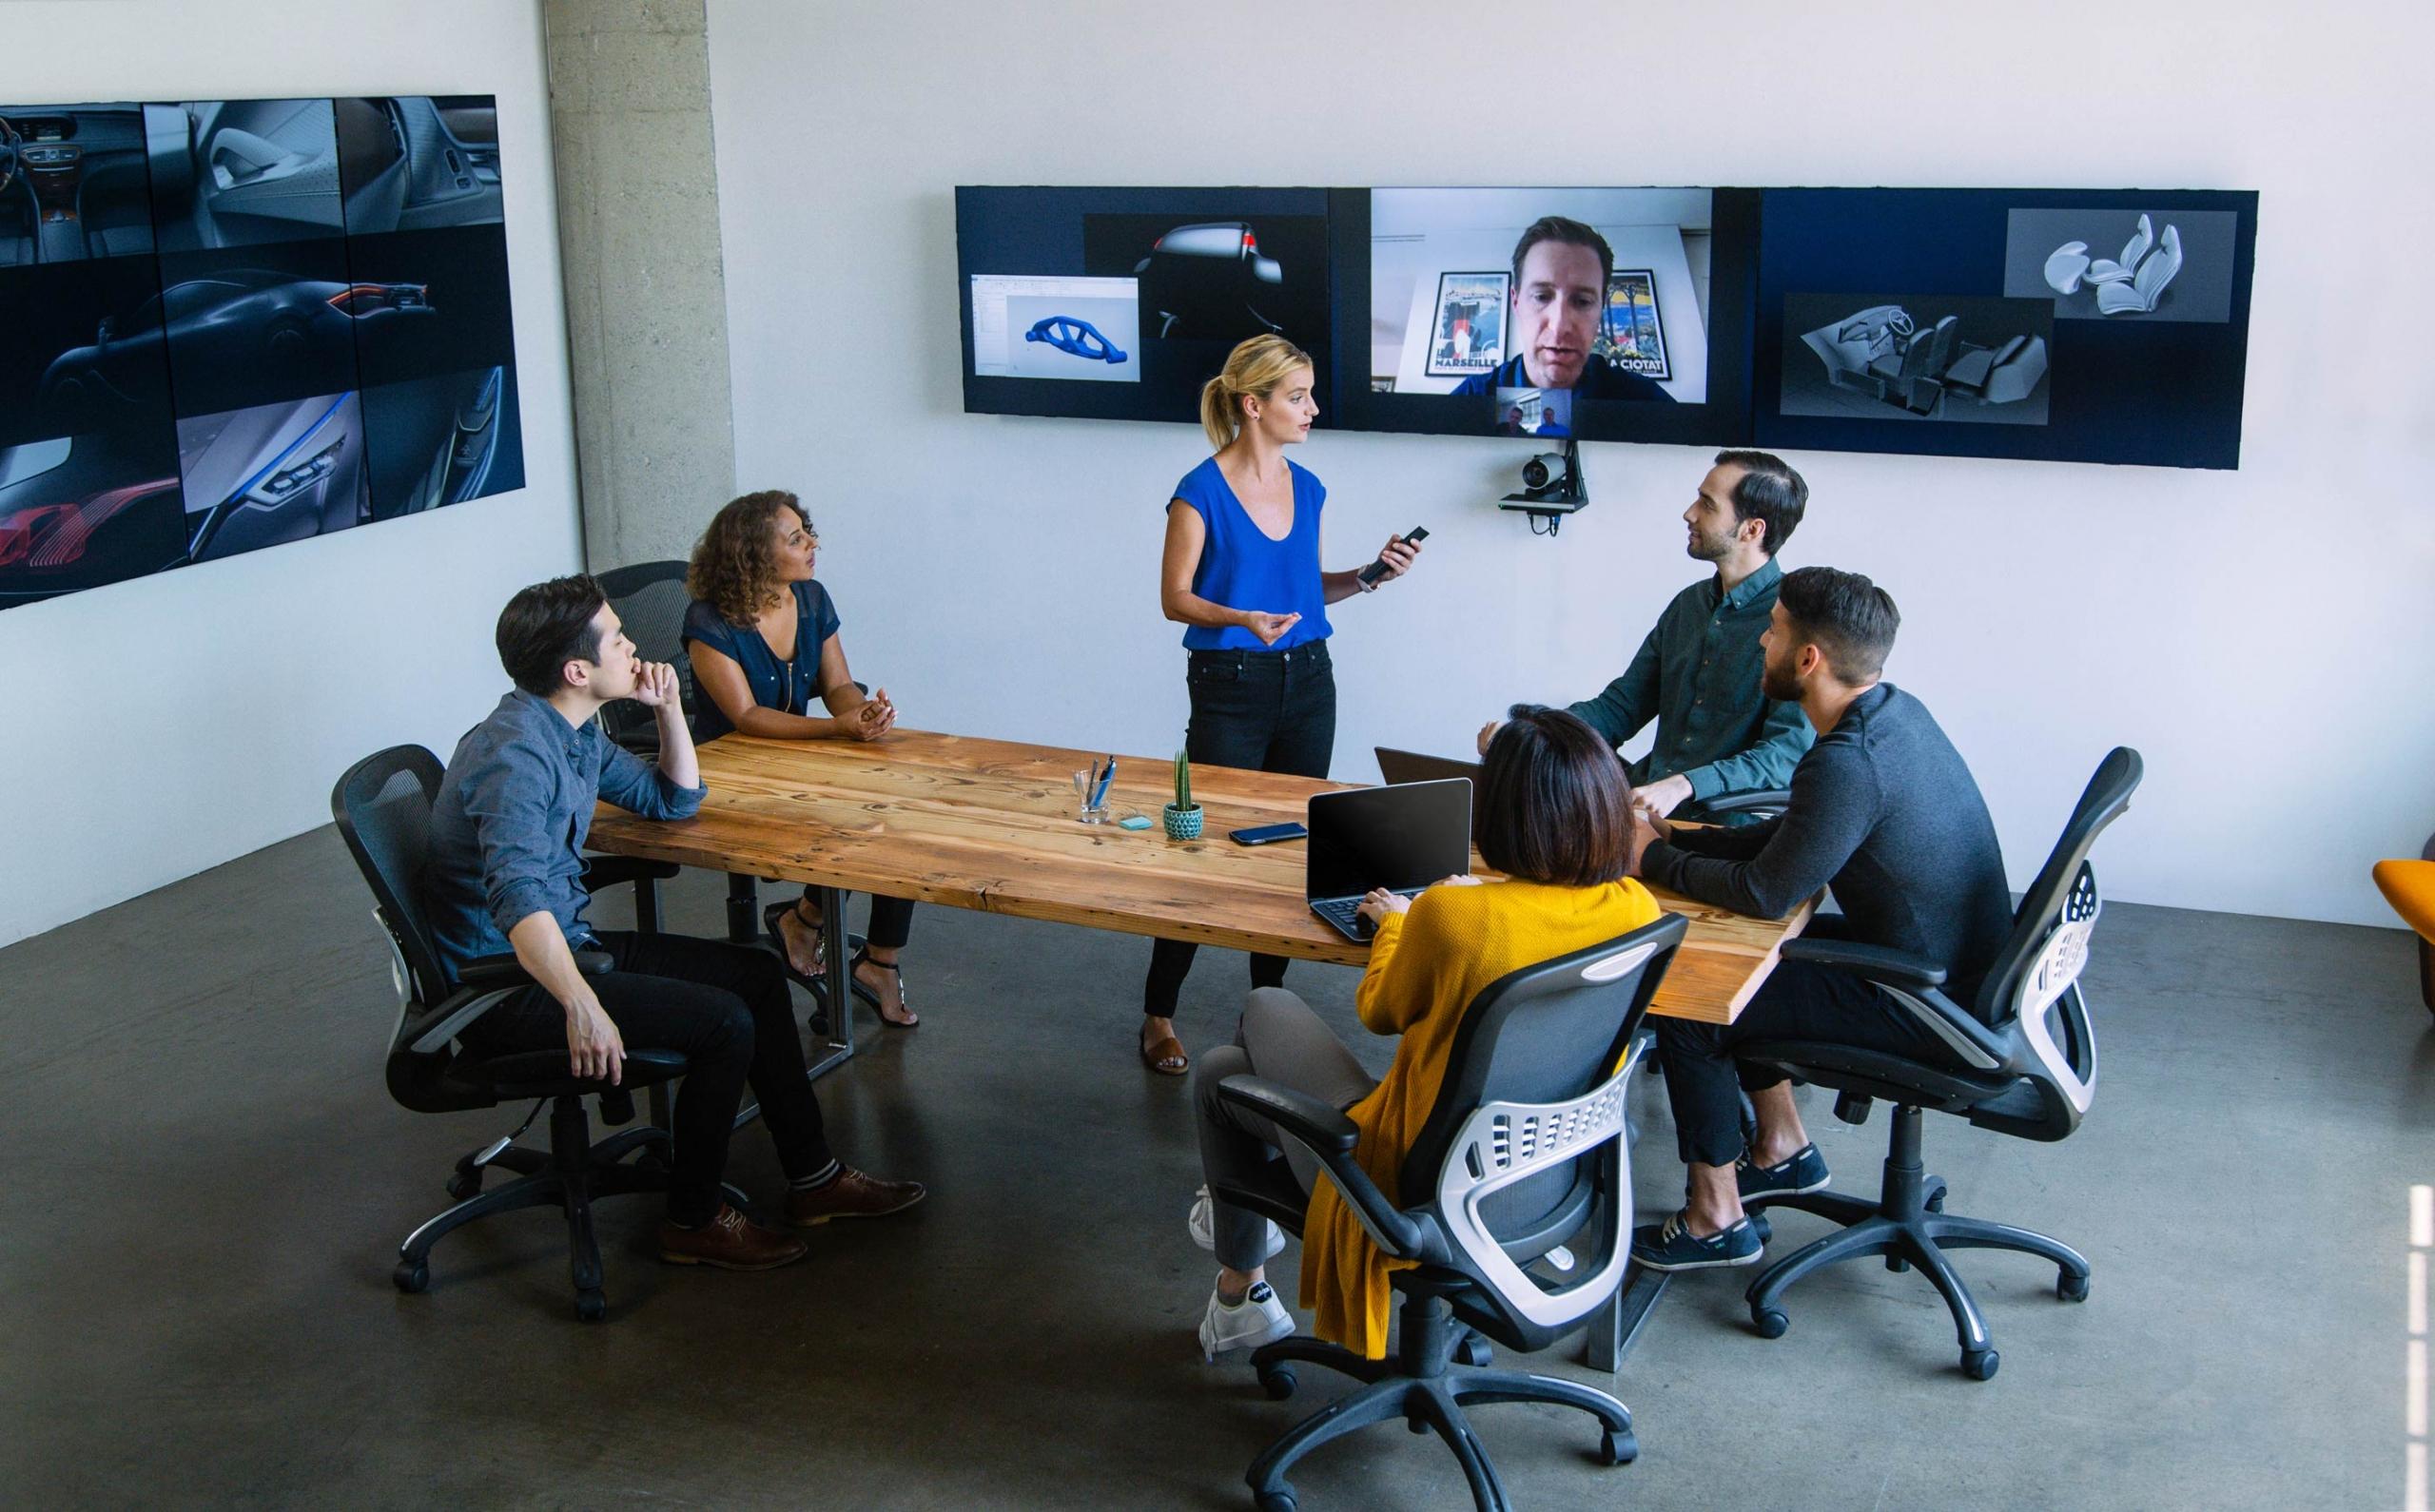 Salle de réunion équipée de la solution infogérance Oblong Mezzanine 600 avec 6 écrans